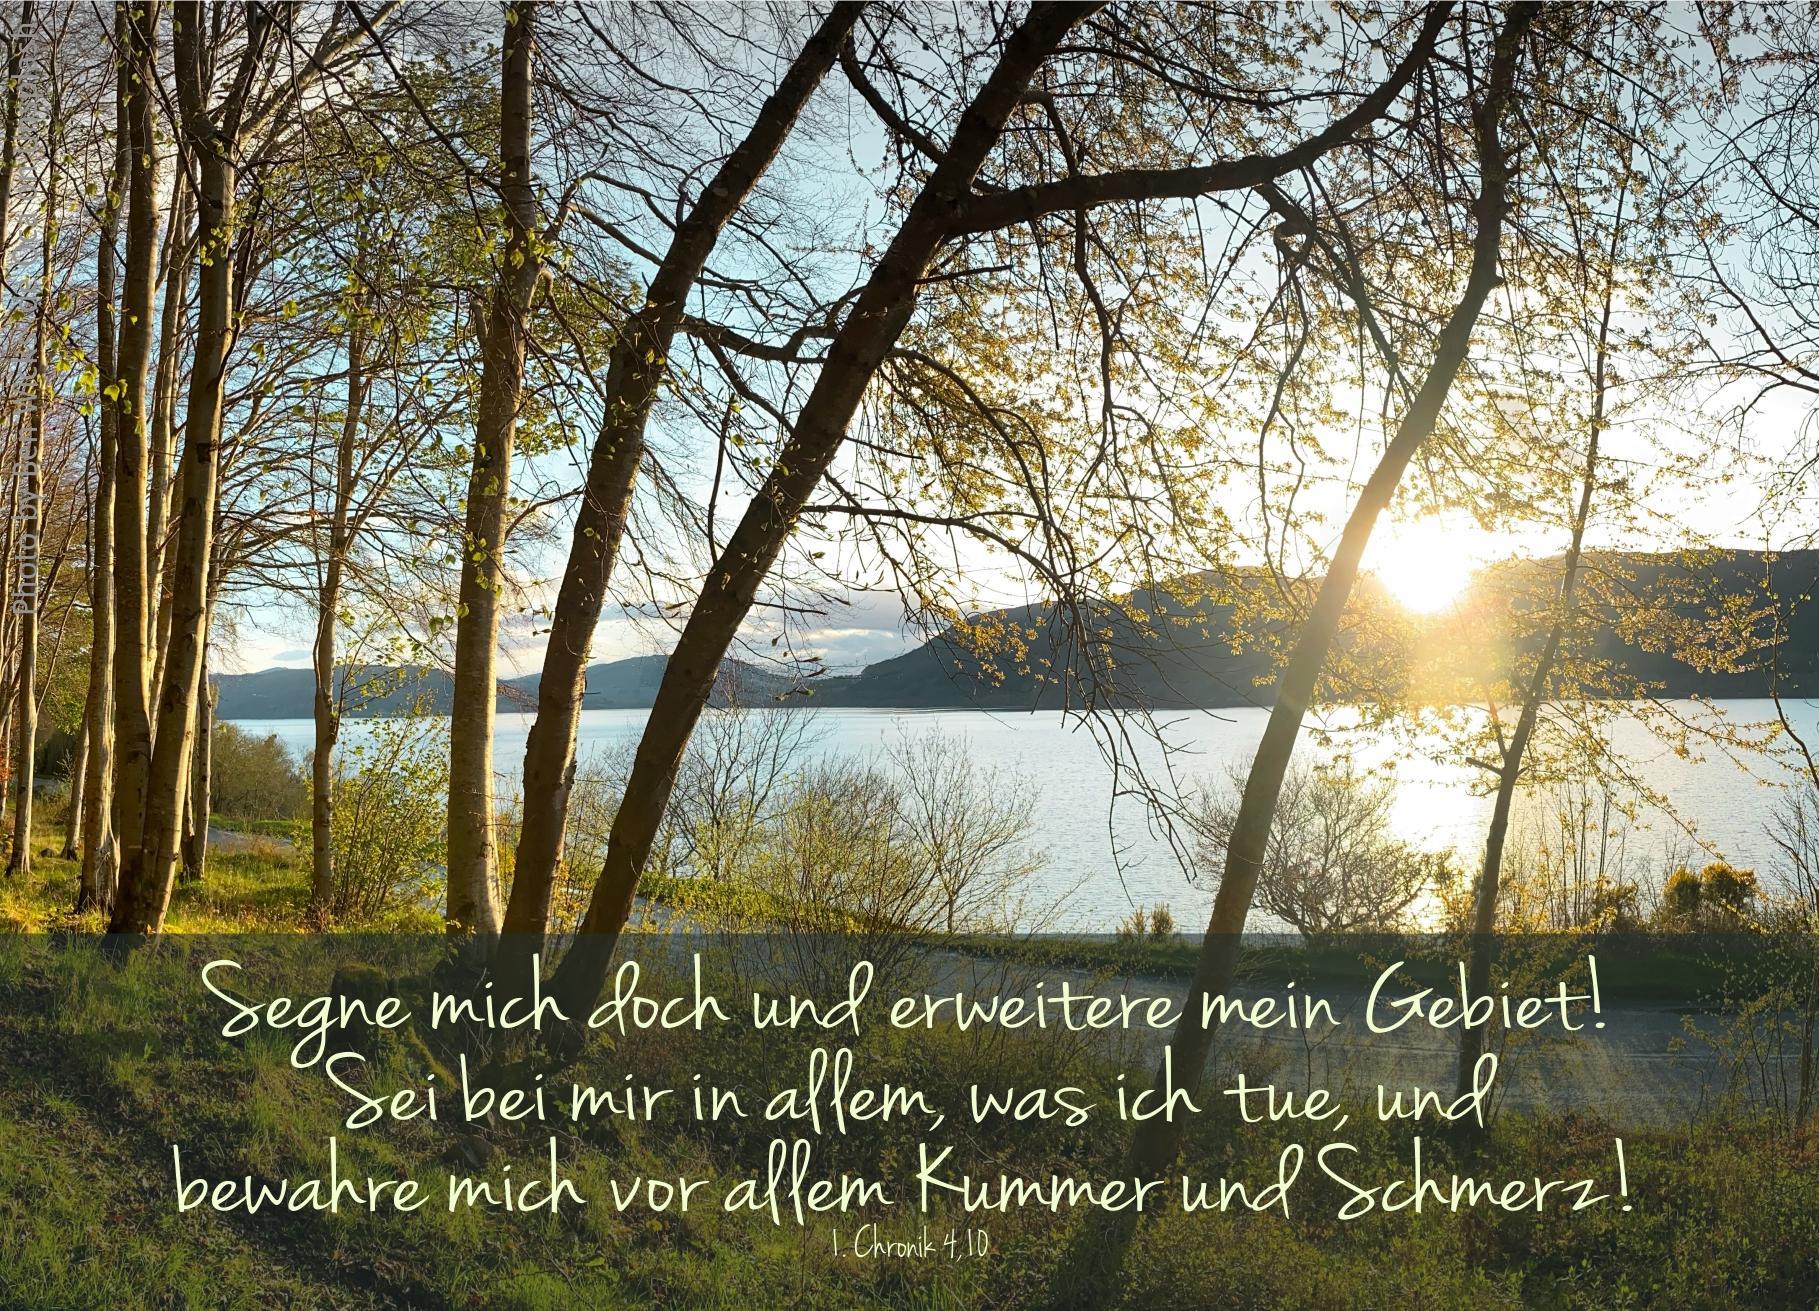 """alt=""""landschaft_mit_see_und_wald_erwartet_bibelhoerbuch_gottes_gericht_ueber_die_suende"""""""